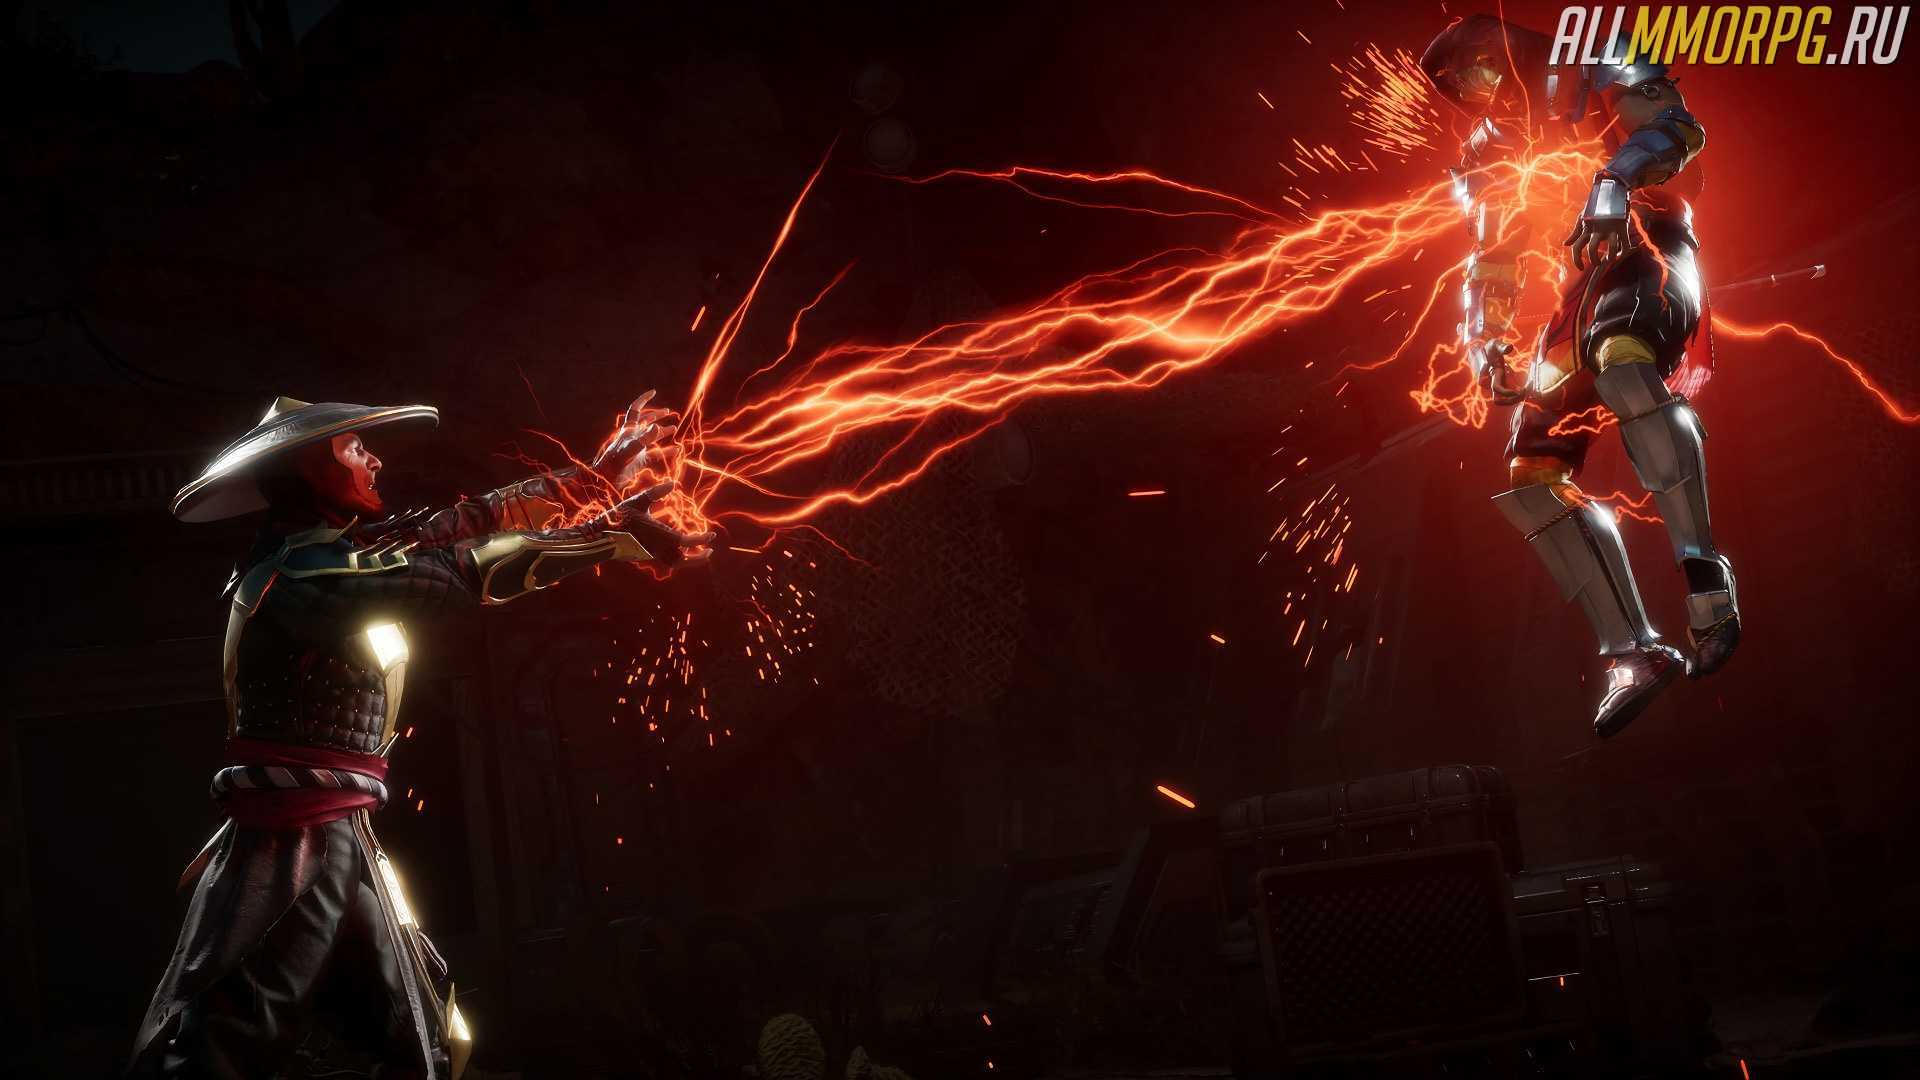 Mortal Kombat 11: фаталити всех персонажей